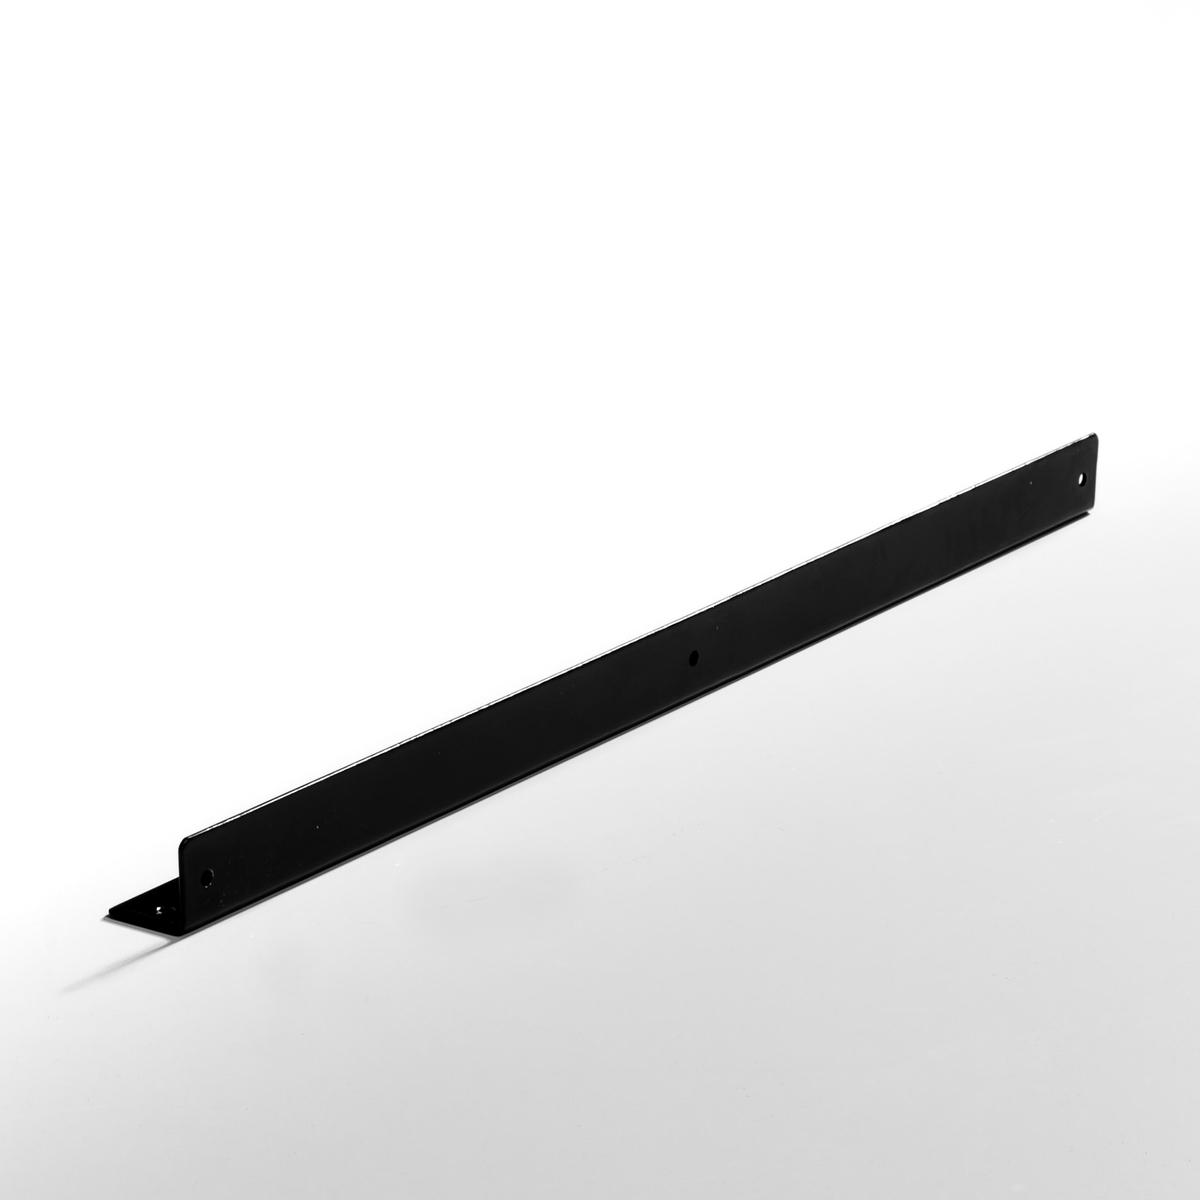 2 кронштейна для угловых этажерок   KyrielКомплект из 2 кронштейнов для угловых этажерок Kyriel из металла с эпоксидным покрытием, подходит для гардеробных Kyriel.Специально созданы для фиксации угловых этажерок гардеробной.Крепится на стойки.Гардеробные Kyriel - это эстетичная и практичная модульная система хранения, которую можно адаптировать к любому пространству и любому стилю интерьера.<br><br>Цвет: черный